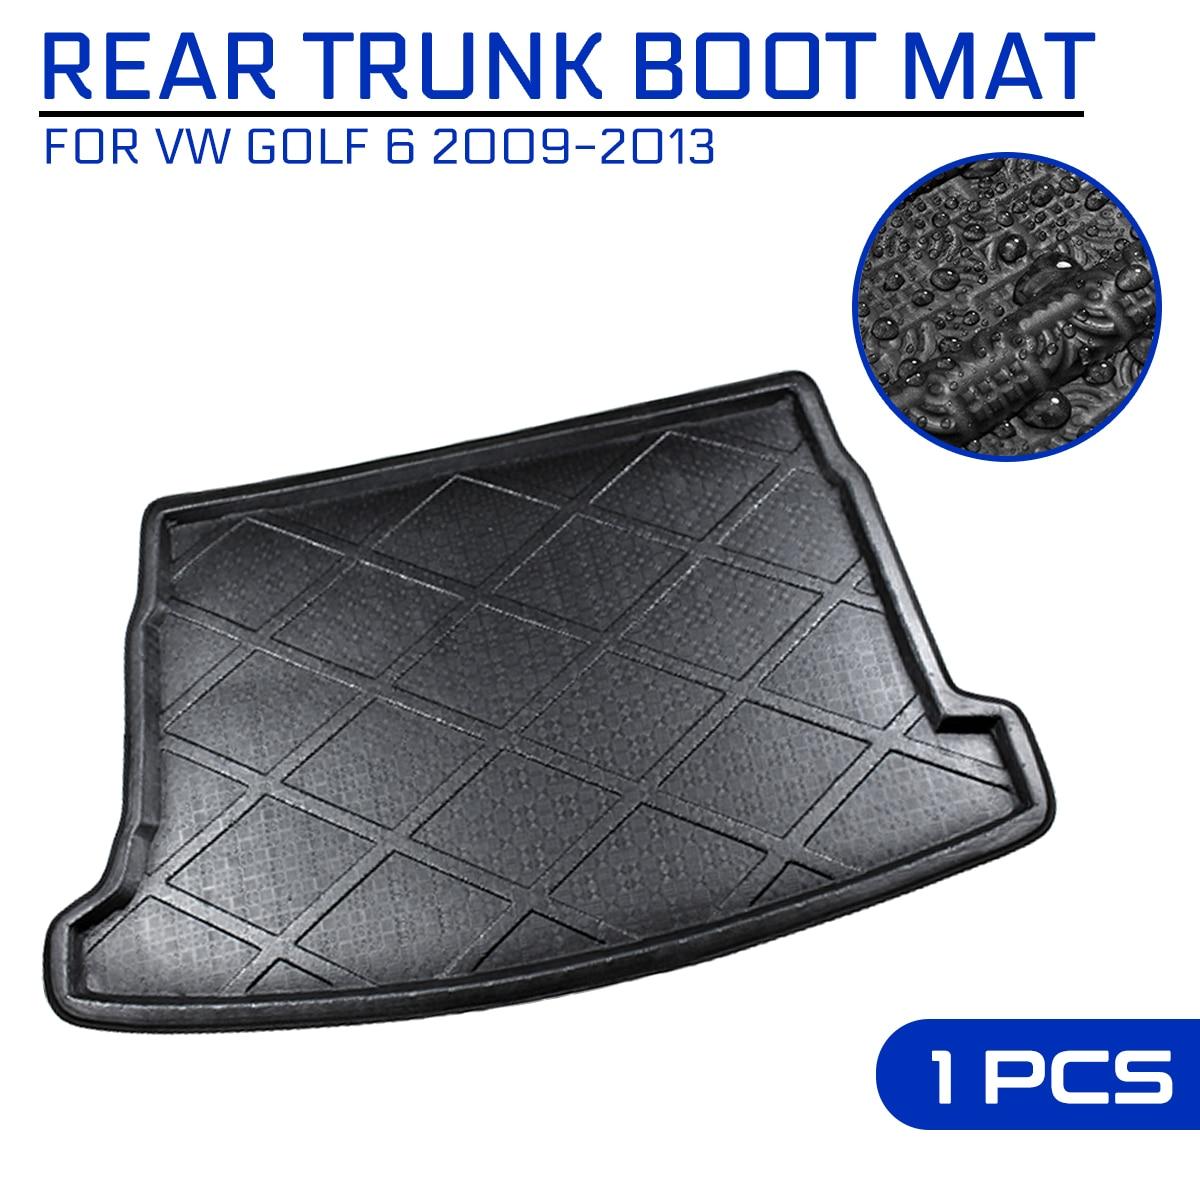 سيارة الخلفي الجذع مكافحة الطين غطاء سجادة أرضية لشركة فولكس فاجن جولف 6 2009-2013